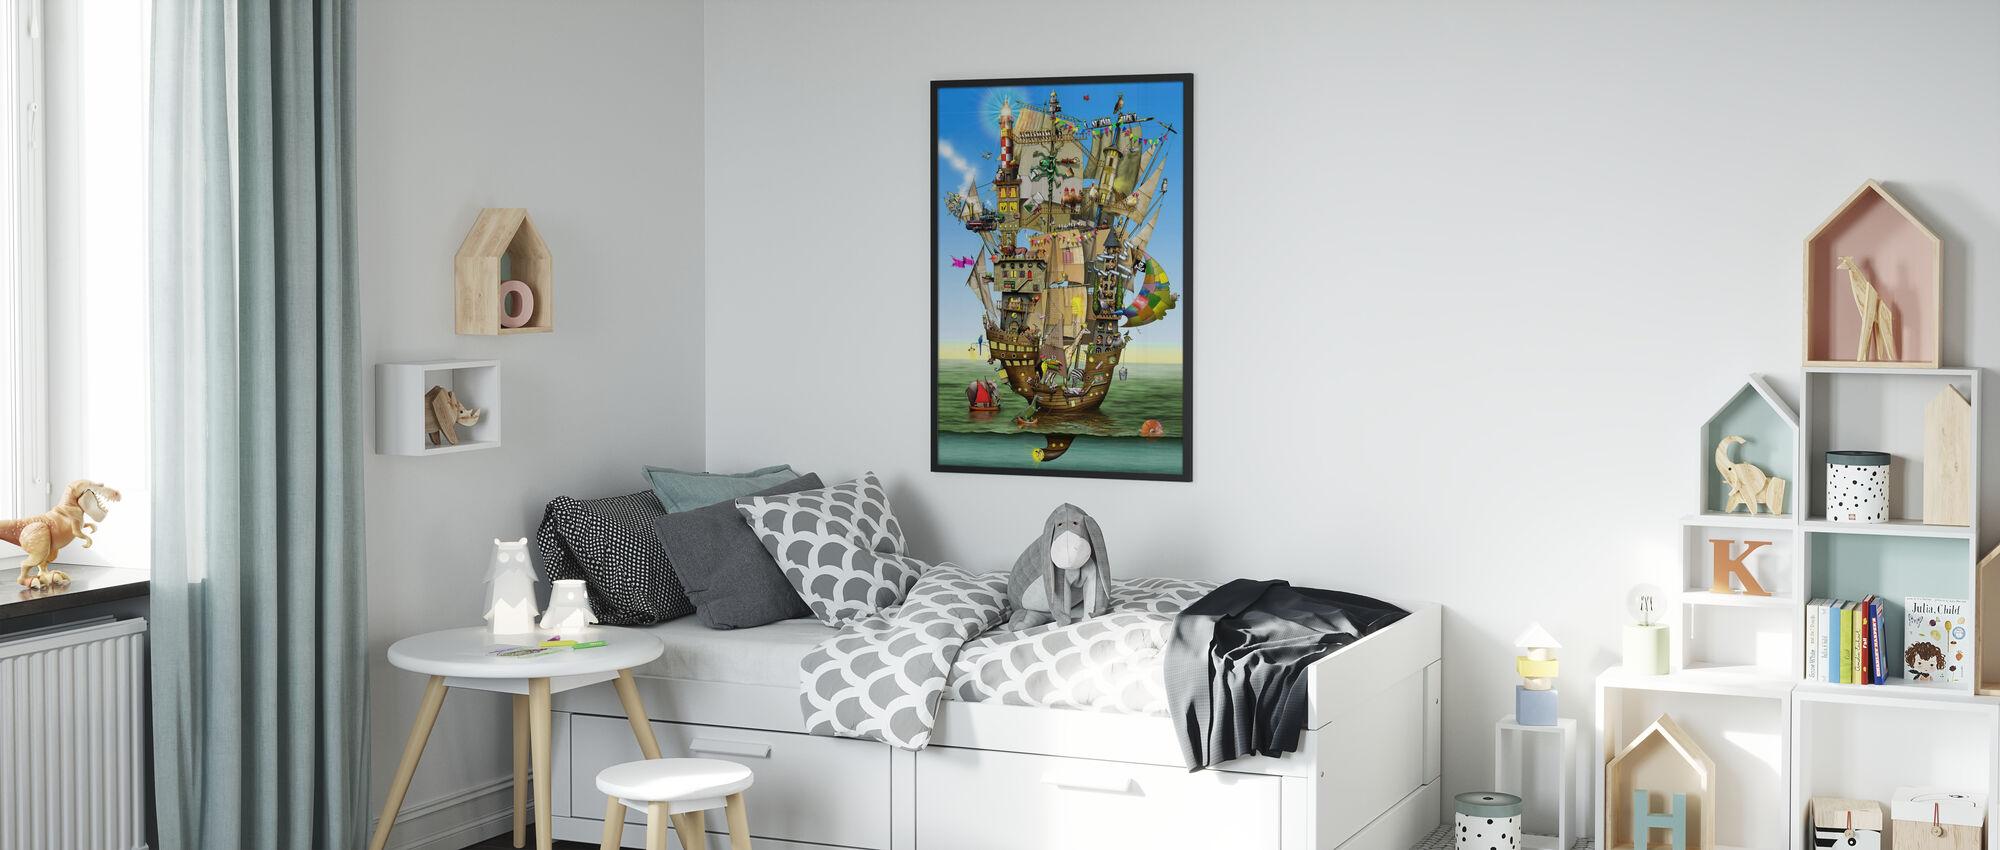 Norahs ark - Poster - Barnrum